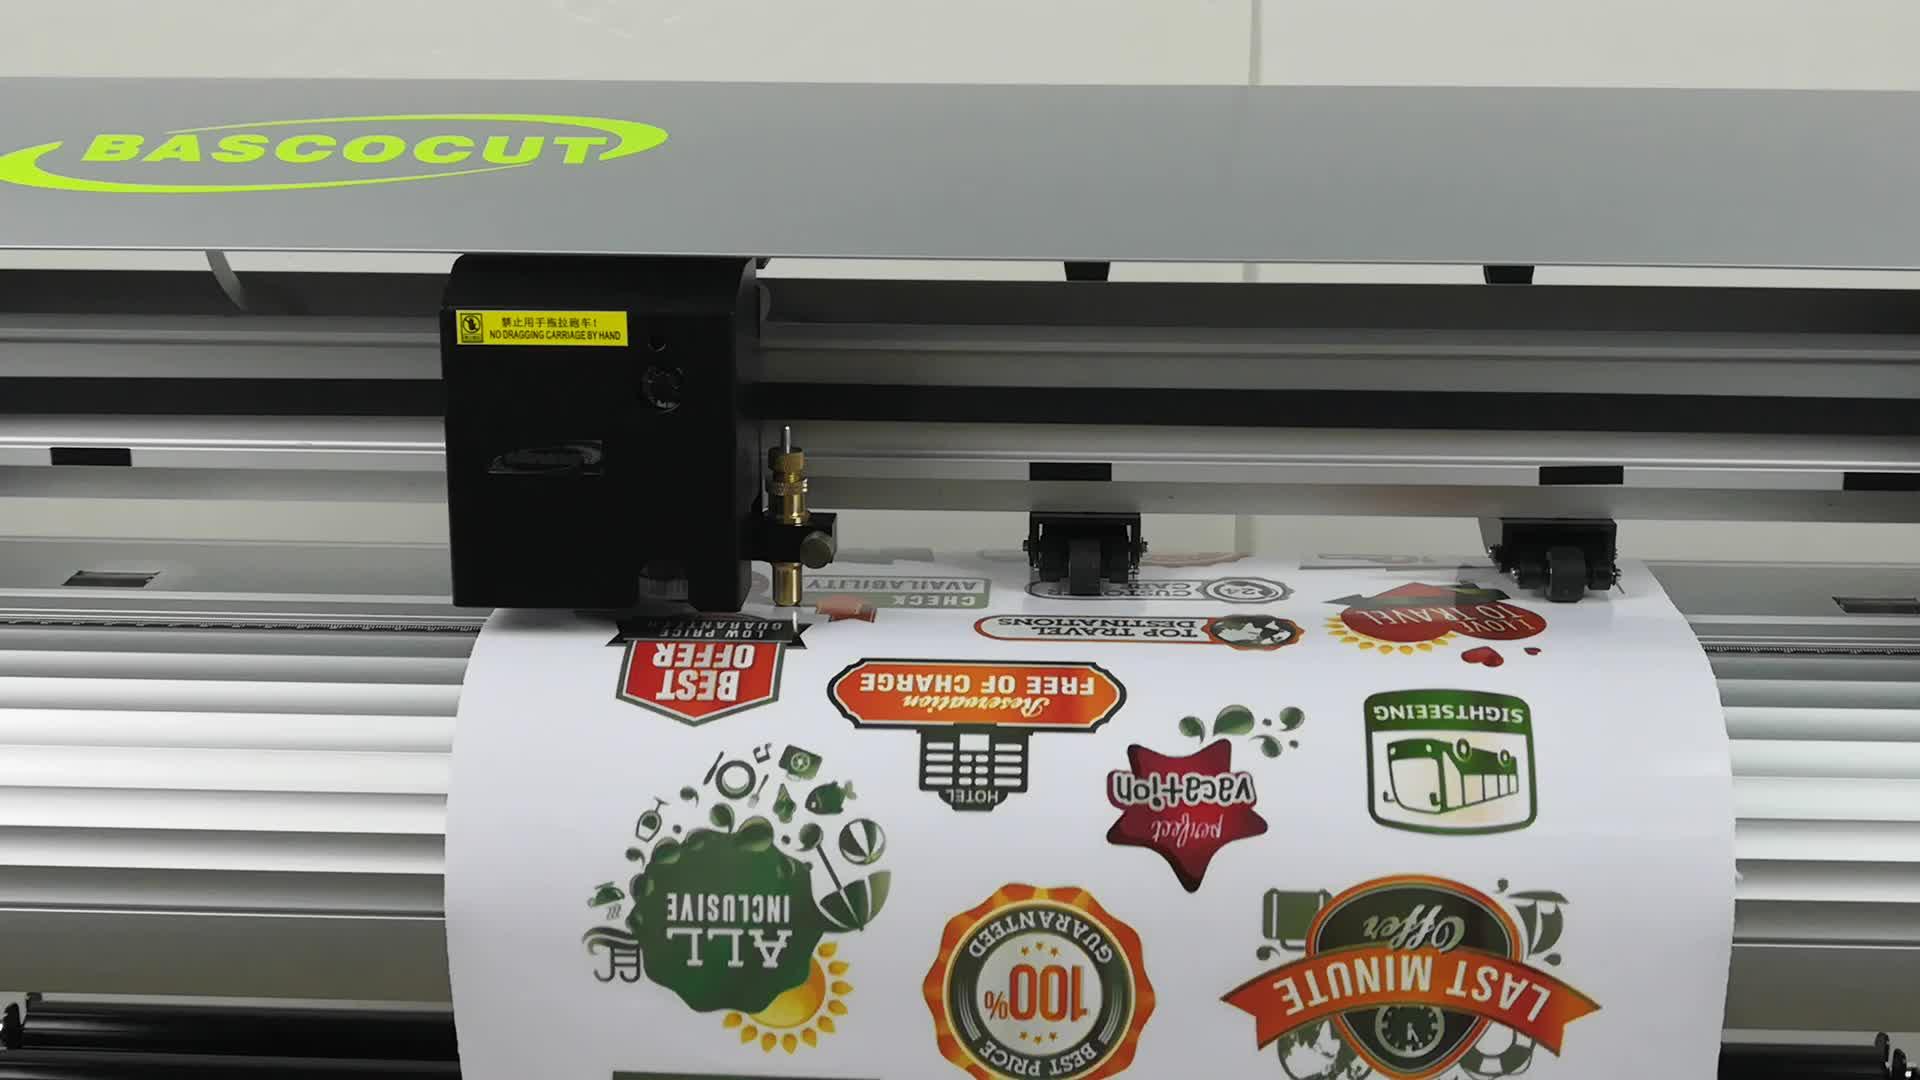 Radium Cắt decal cho vinyl nhãn dán giấy với trình điều khiển USB và Flexi 10 phần mềm